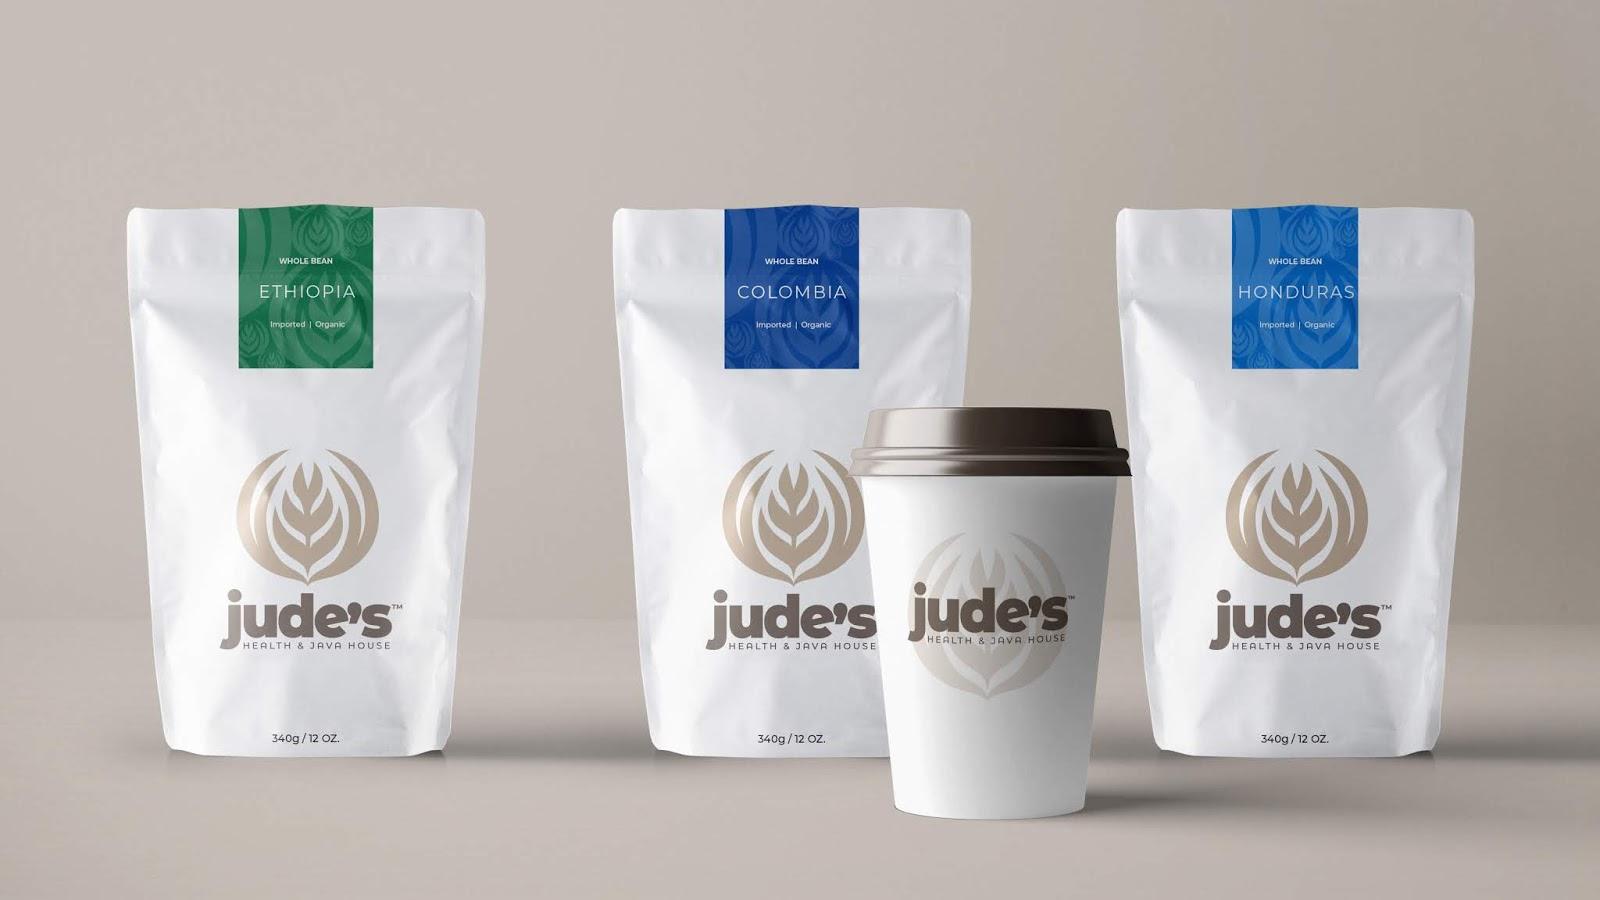 Jude's coffee packaging